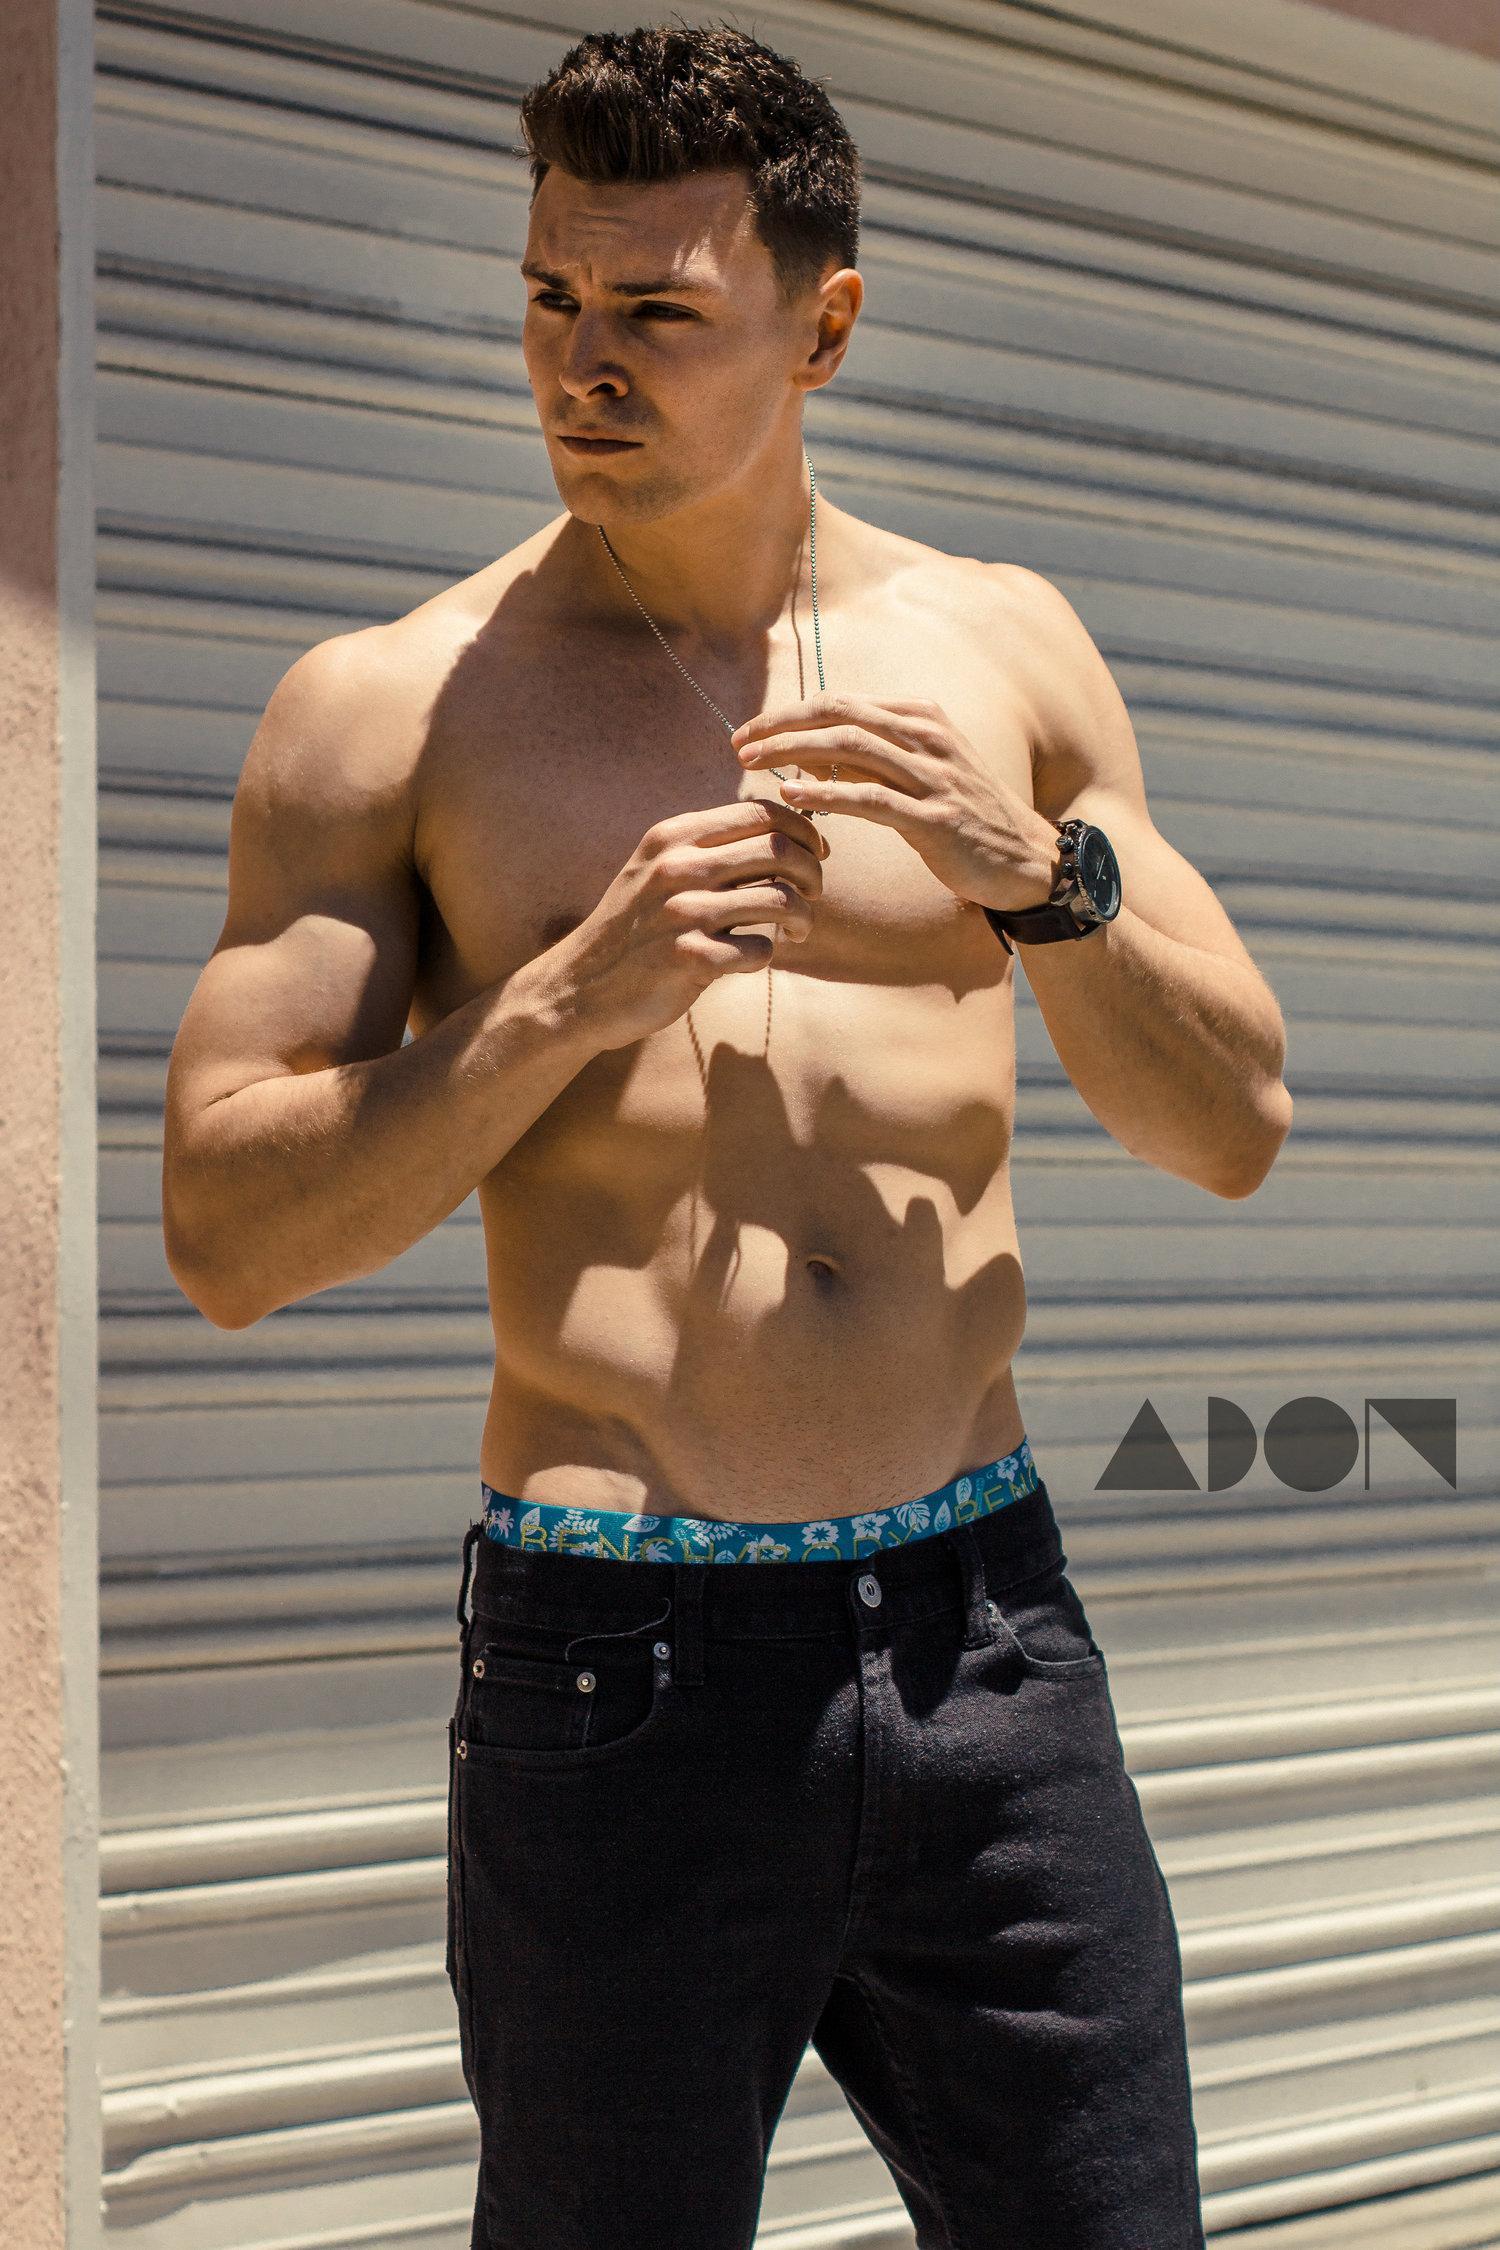 Adon Exclusive: Model John Warburton By Lester Villarama